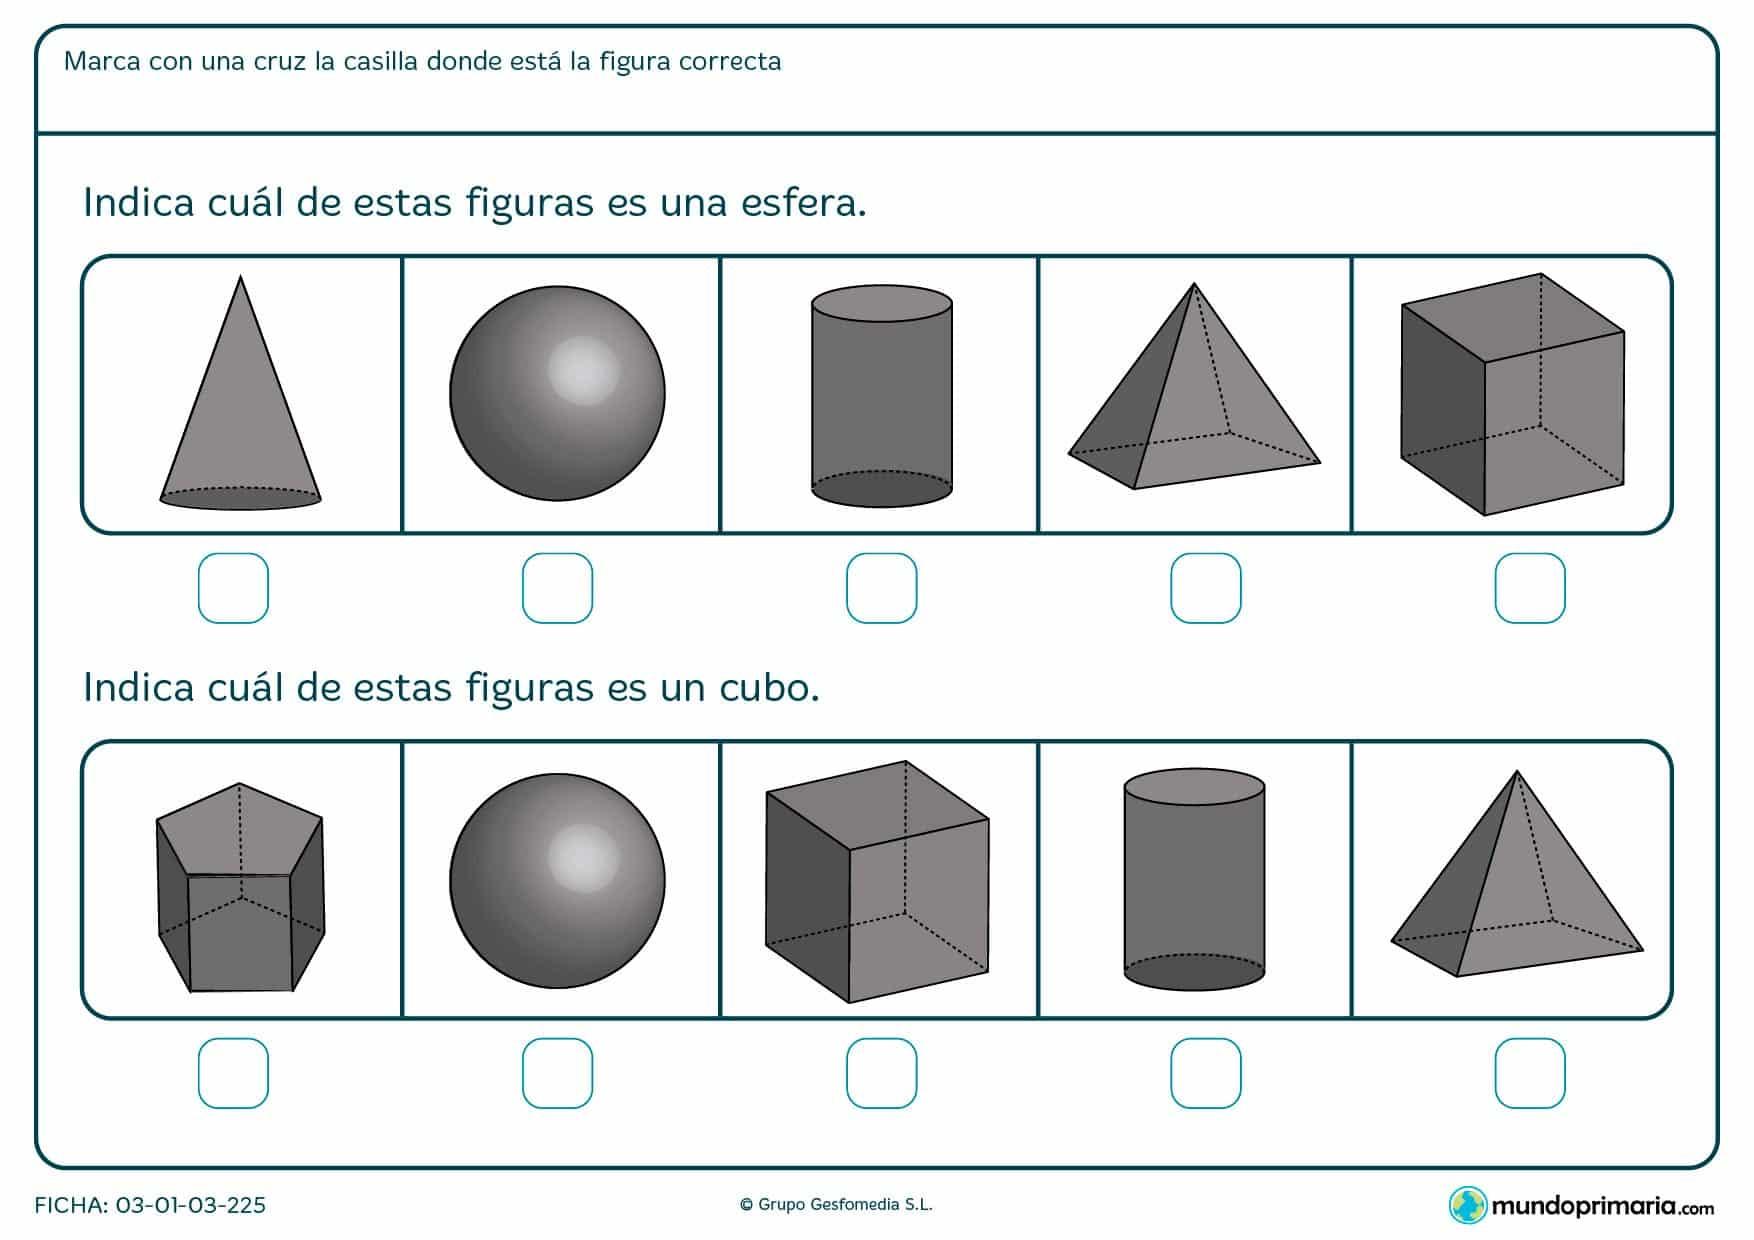 Ficha de poliedros en el cuál hay que marcar la casilla en la que se encuentra la figura que corresponde.